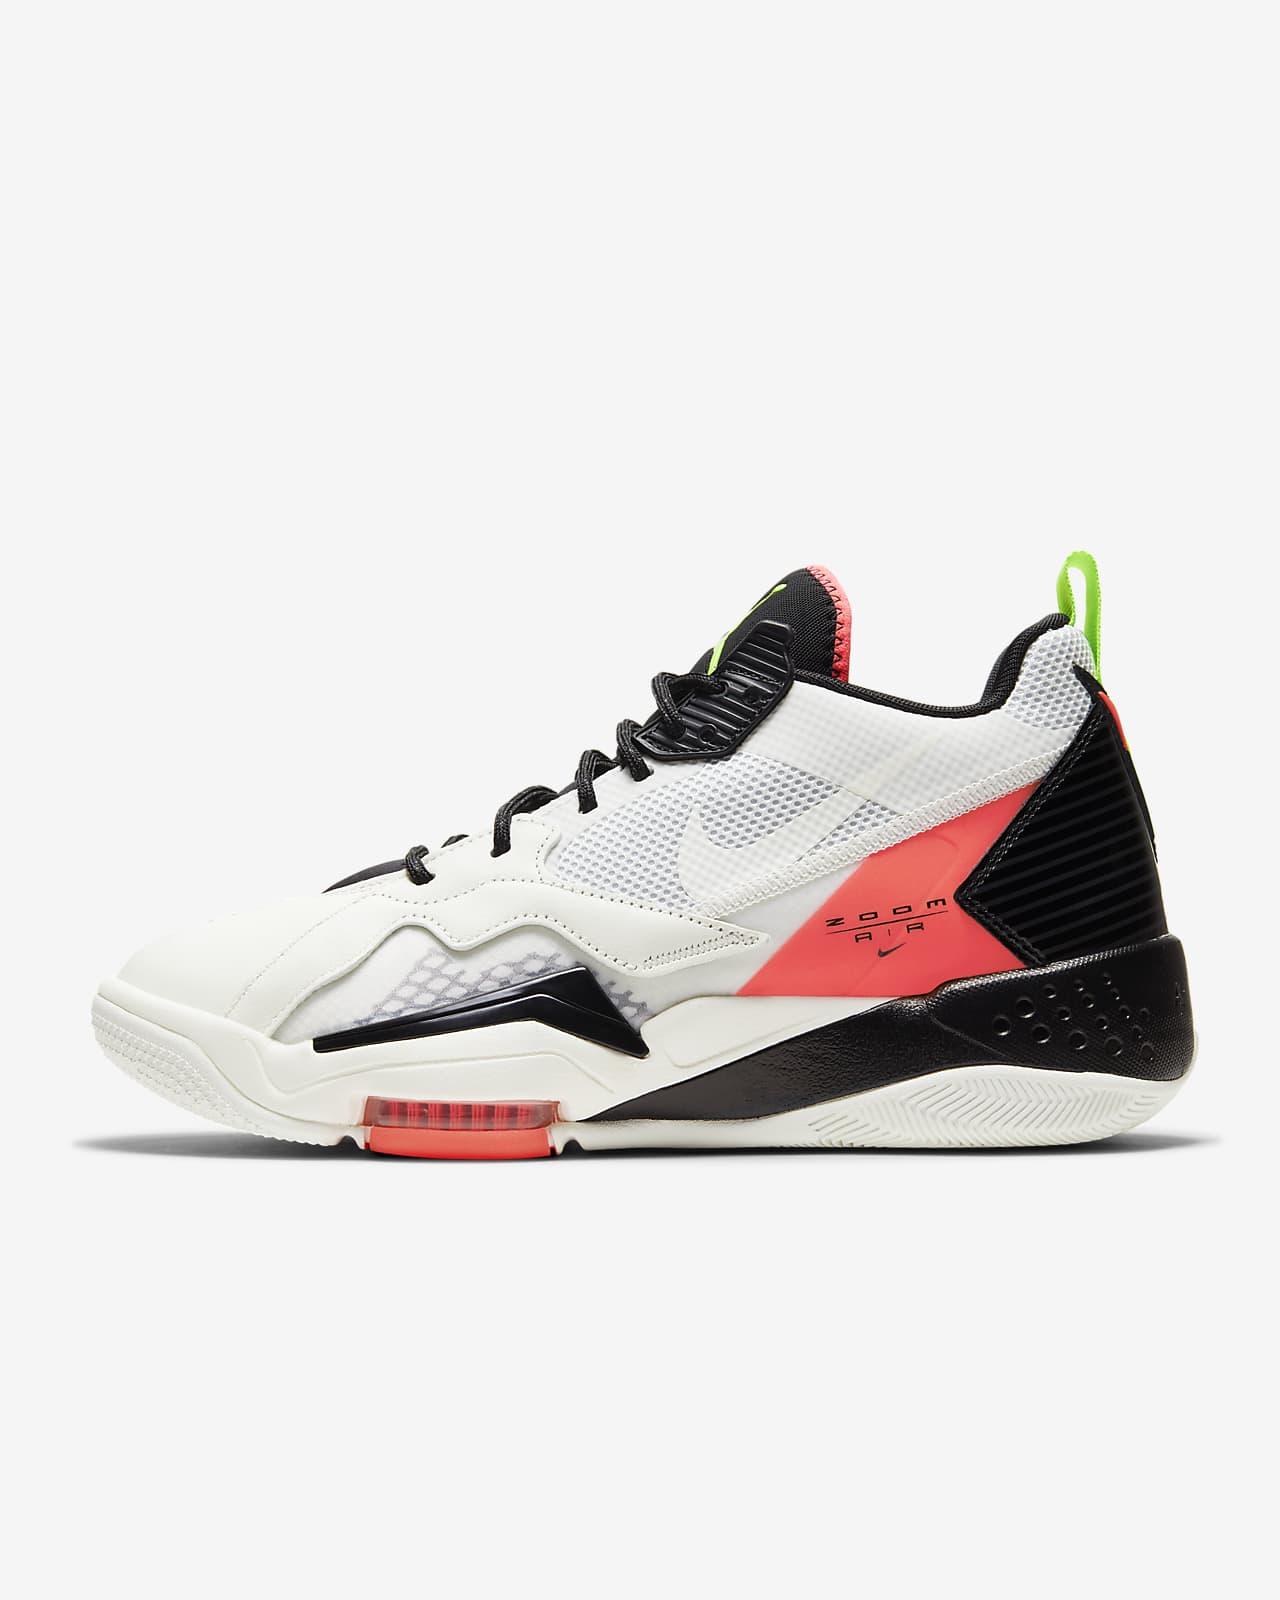 รองเท้าผู้ชาย Jordan Zoom '92